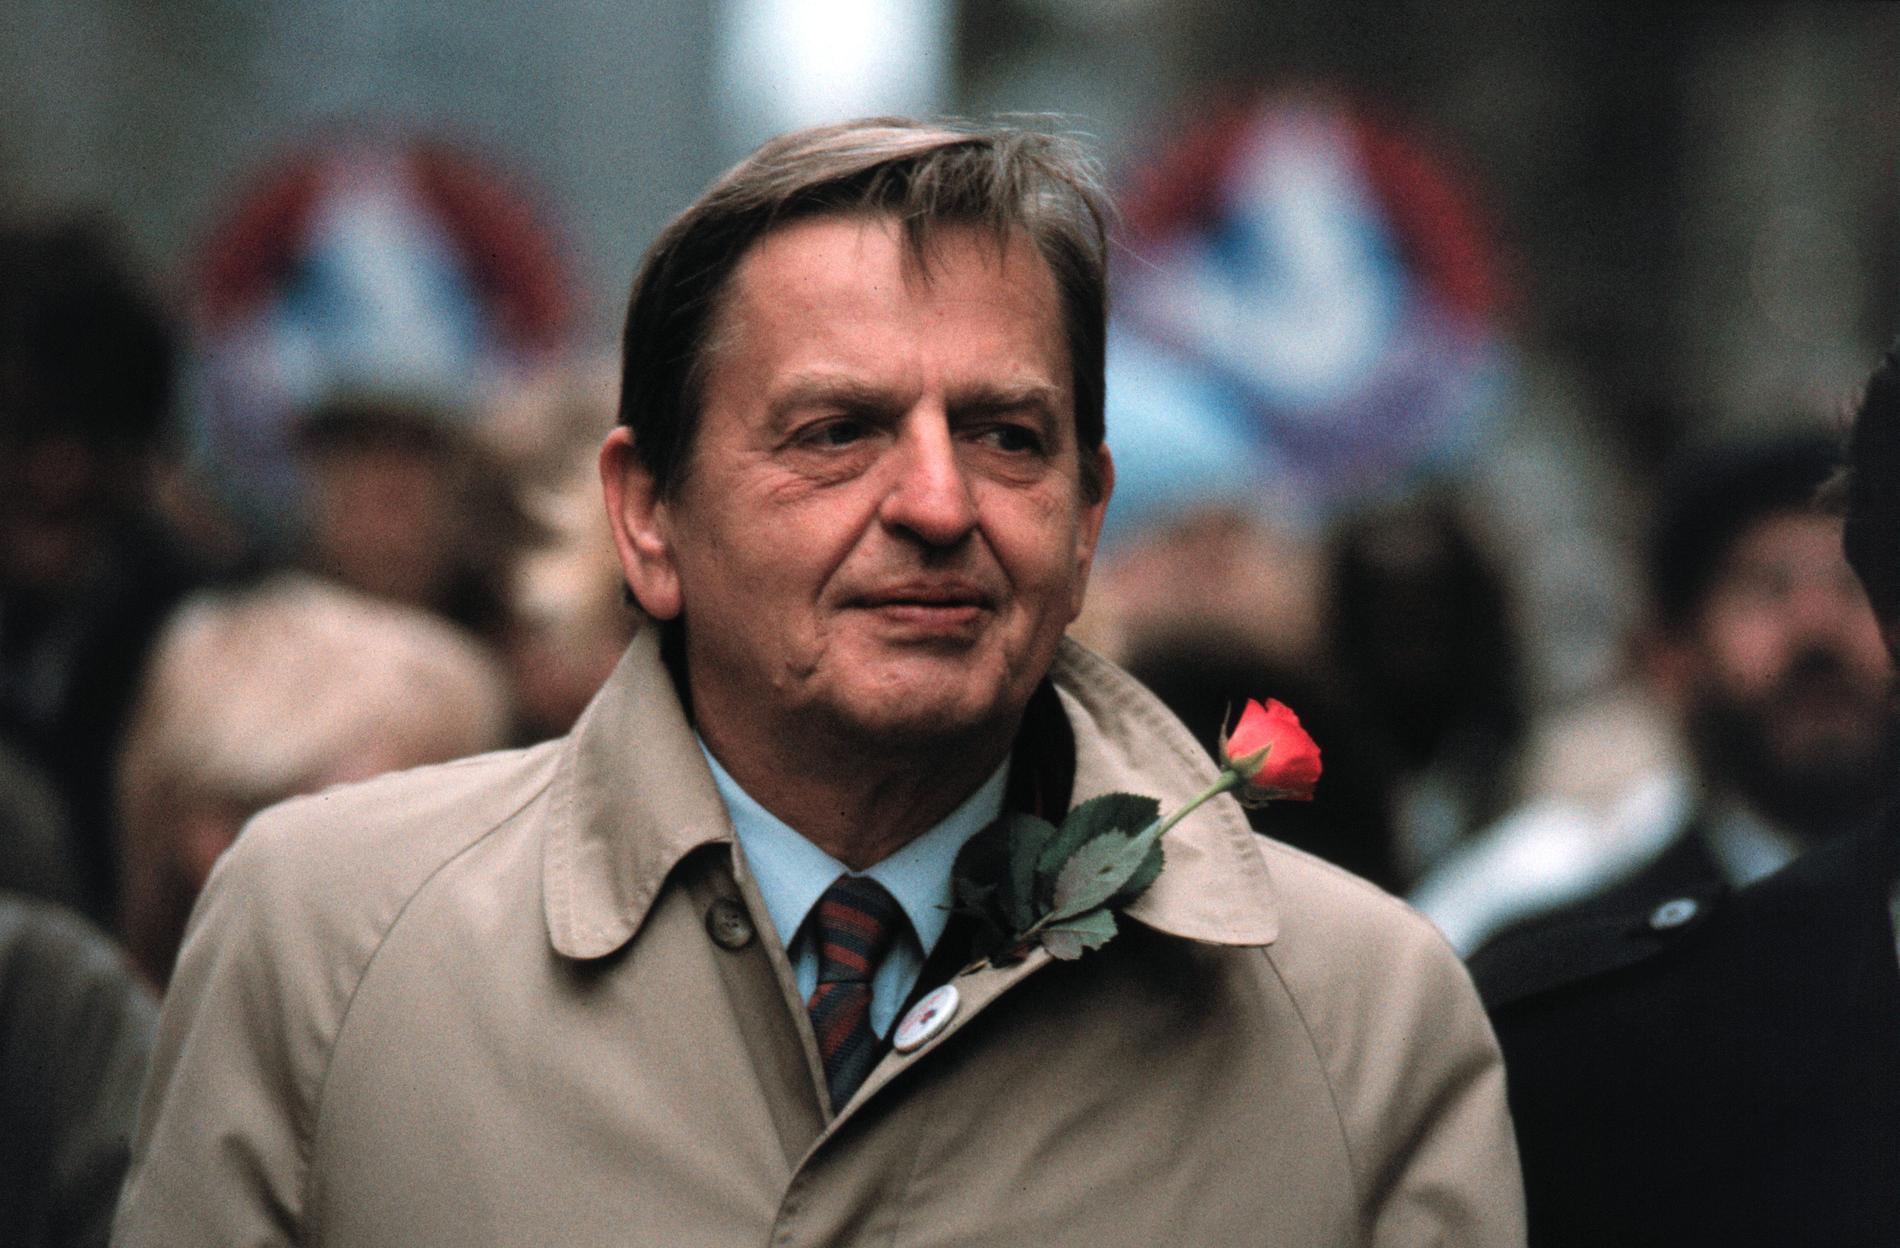 Statsminister Olof Palme sköts till döds den 28 februari 1986. I morgon kan mordgåtan få sin förklaring.